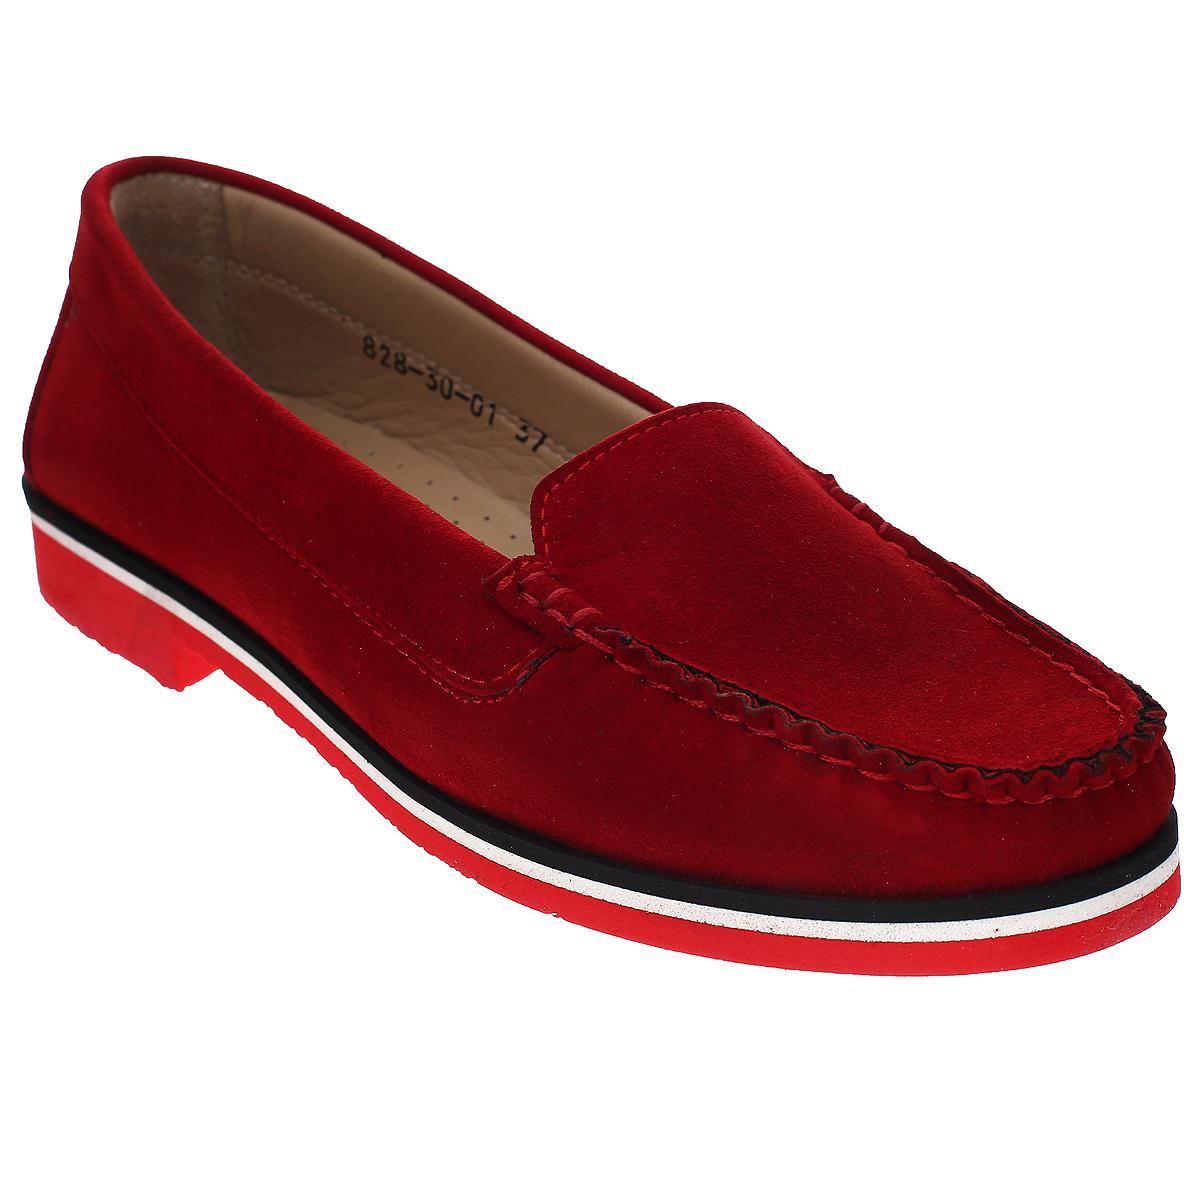 Туфли женские. 828-30-0828-30-01Оригинальные женские туфли от Dino Ricci покорят вас своим дизайном и удобством! Модель выполнена из натурального велюра и декорирована отворотами по канту. Мыс оформлен внешним декоративным швом. Подъем дополнен небольшими вырезами. Мягкая стелька из натуральной кожи дополнена перфорацией, позволяющей вашим ногам дышать. Невысокий каблук и подошва обеспечивают отличное сцепление с любыми поверхностями. В таких модных туфлях вашим ногам будет комфортно и уютно!